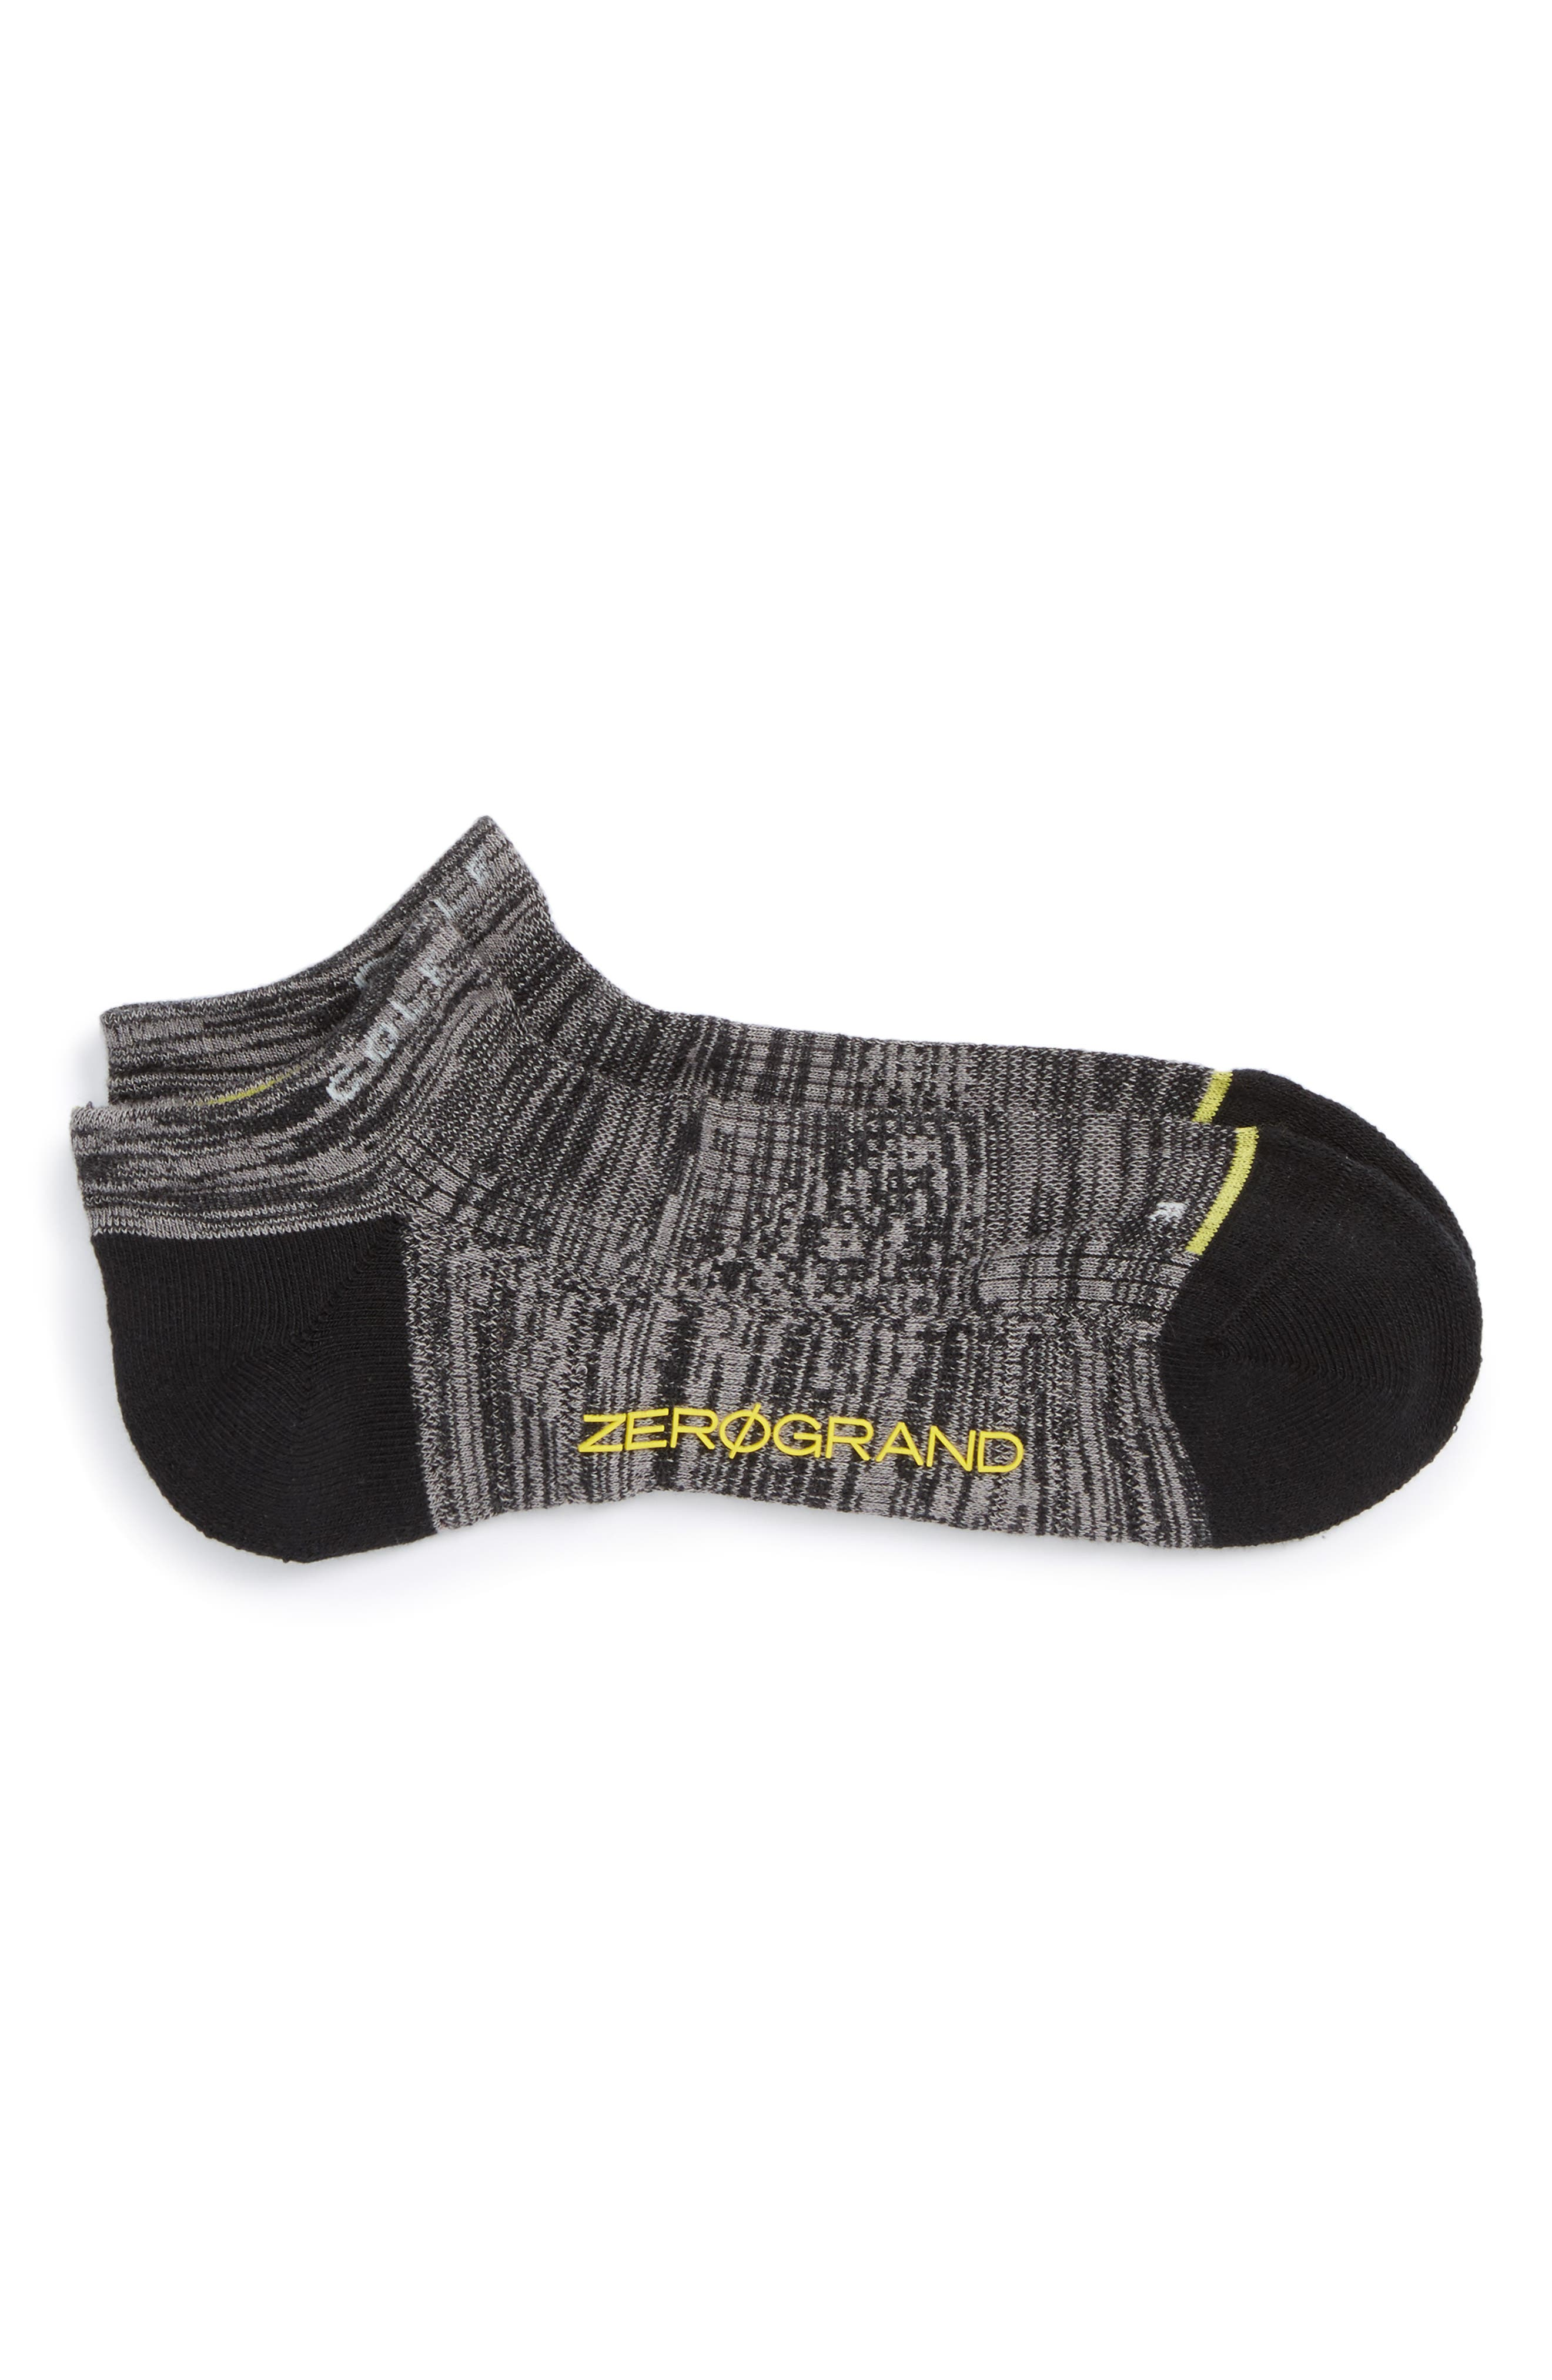 COLE HAAN ZeroGrand Liner Socks